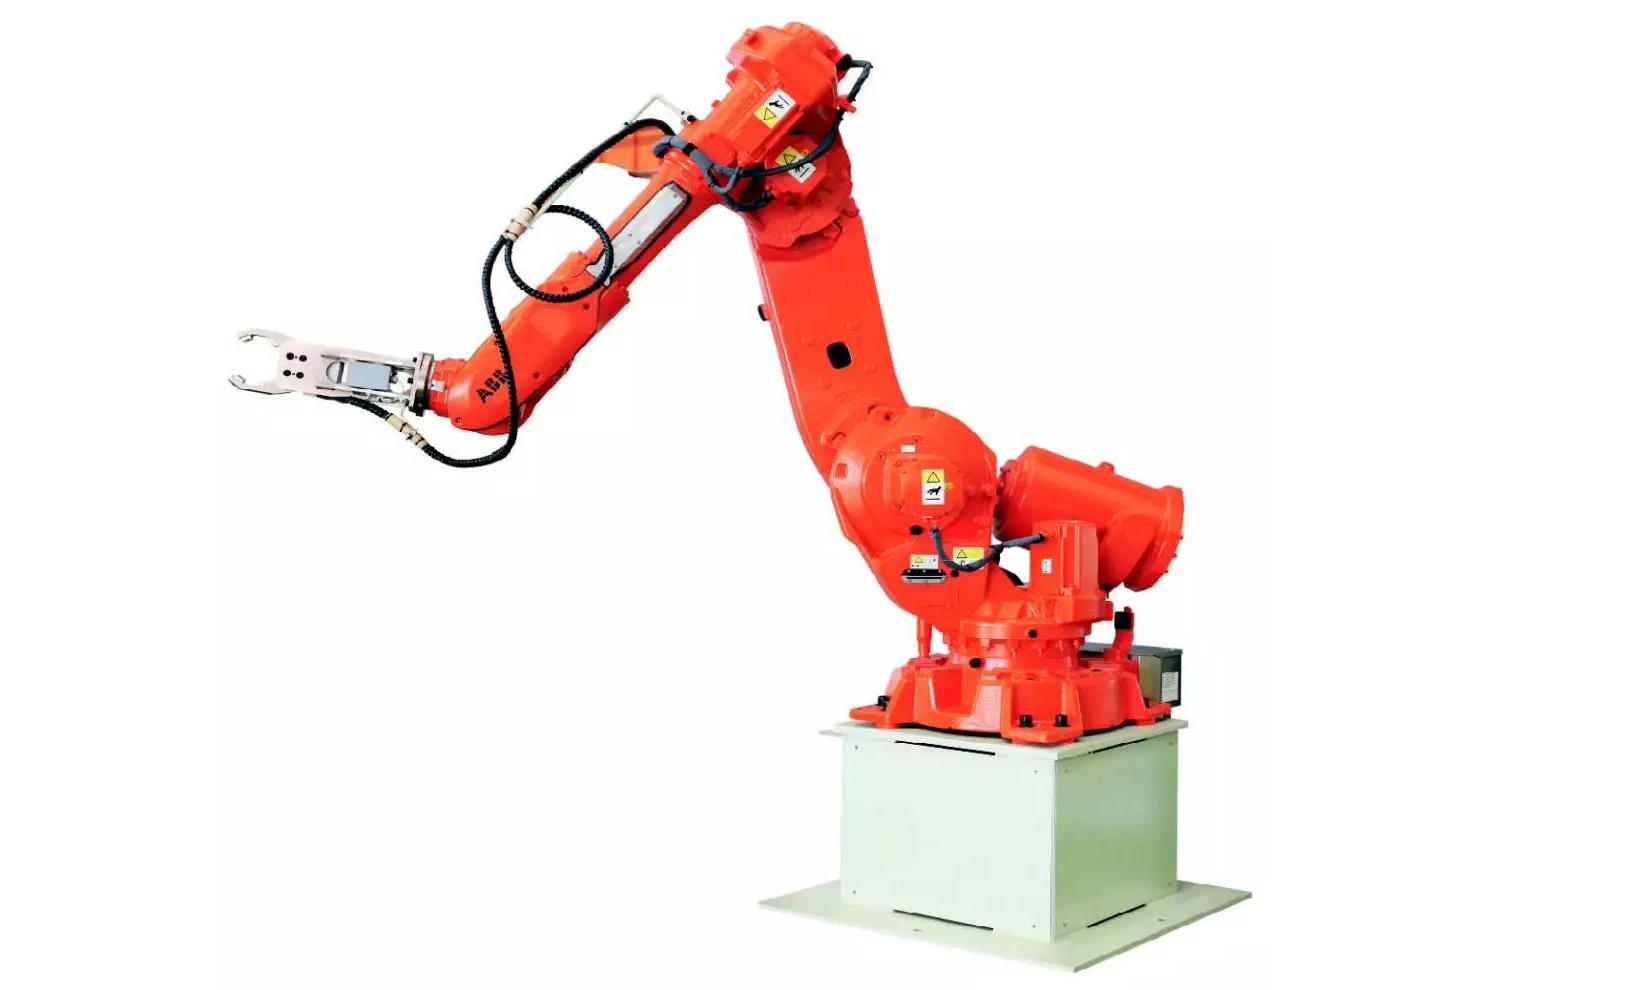 【GIFA 2019】高通用性取件去渣包机器人系统